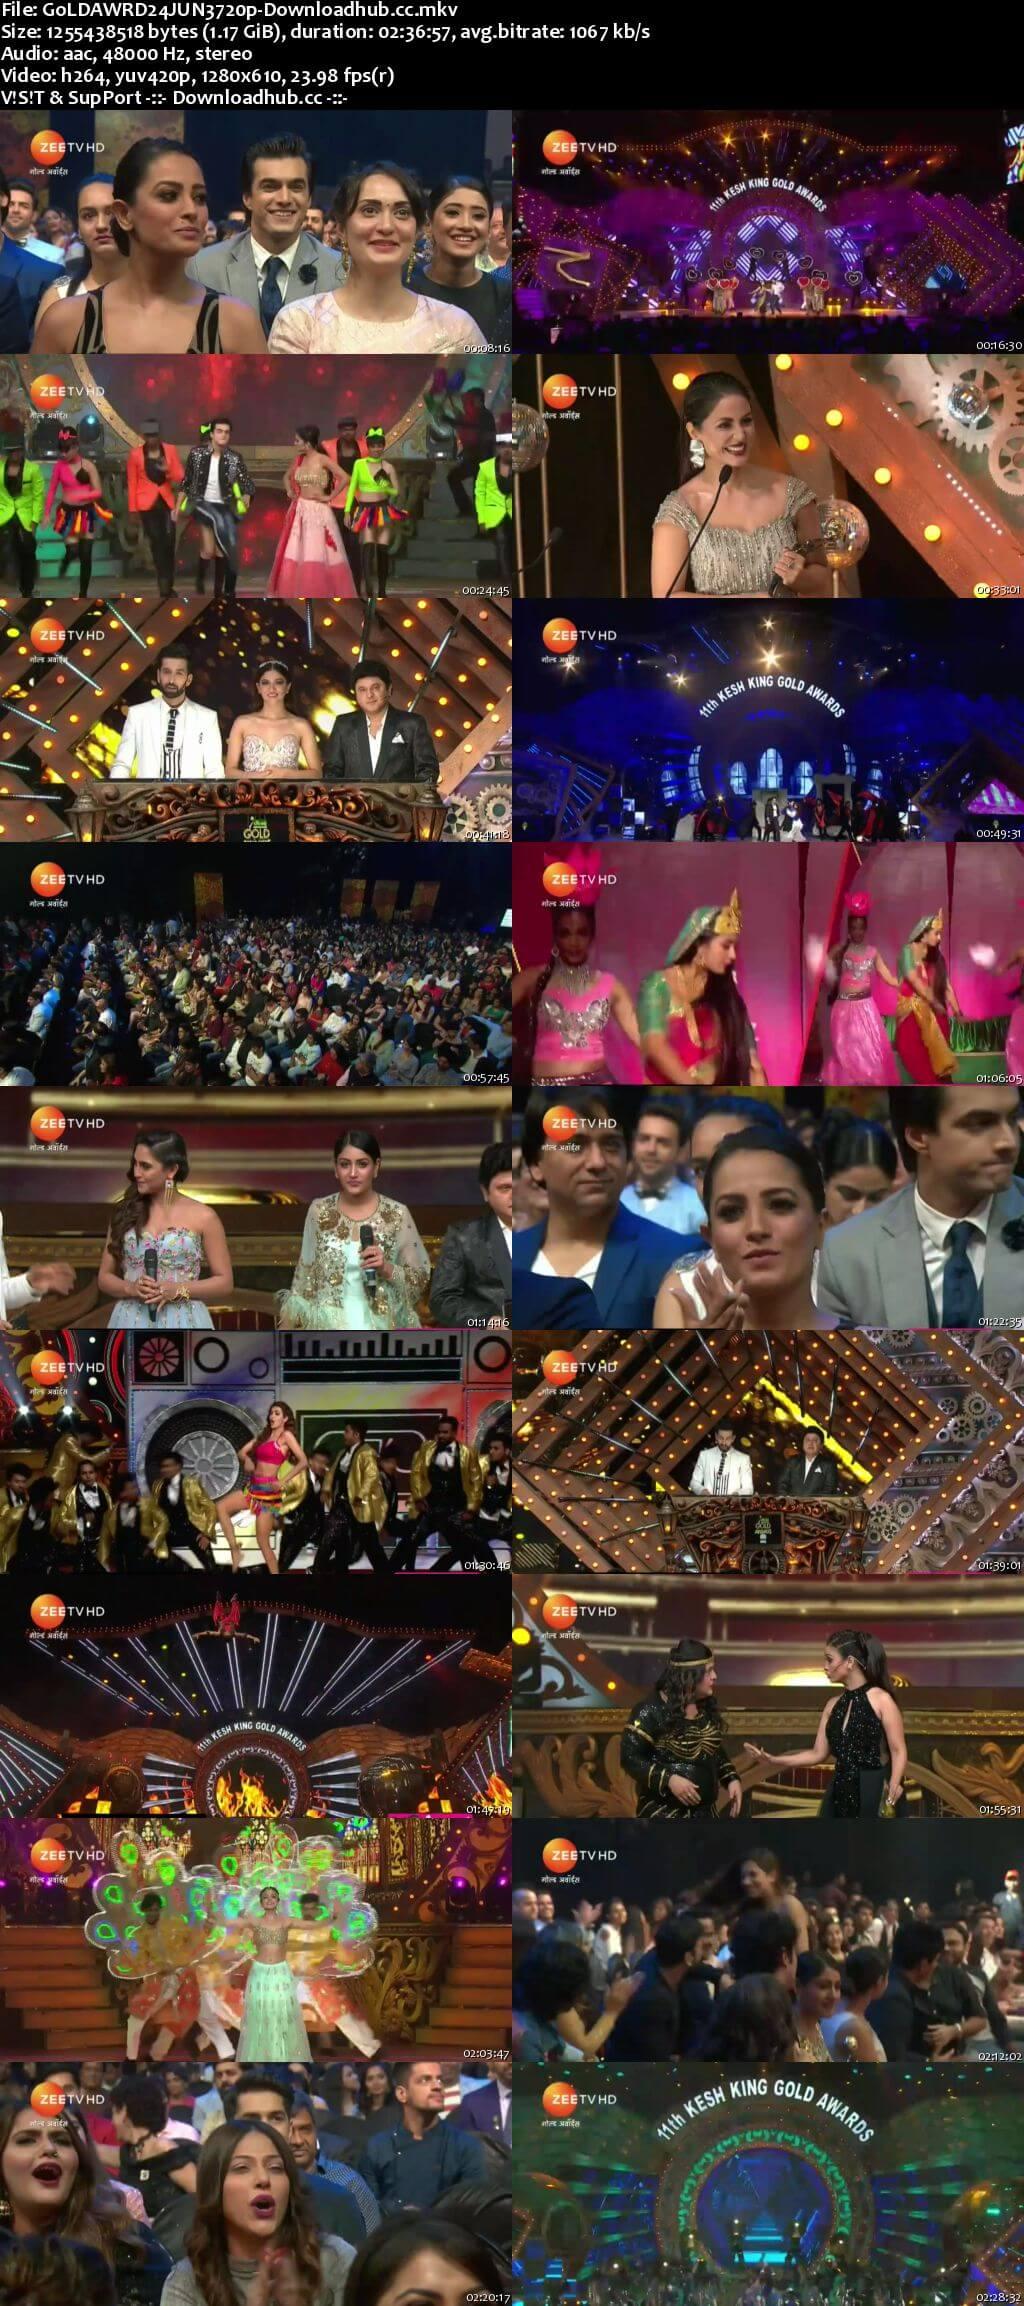 Gold Award 24th June 2018 720p HDTV